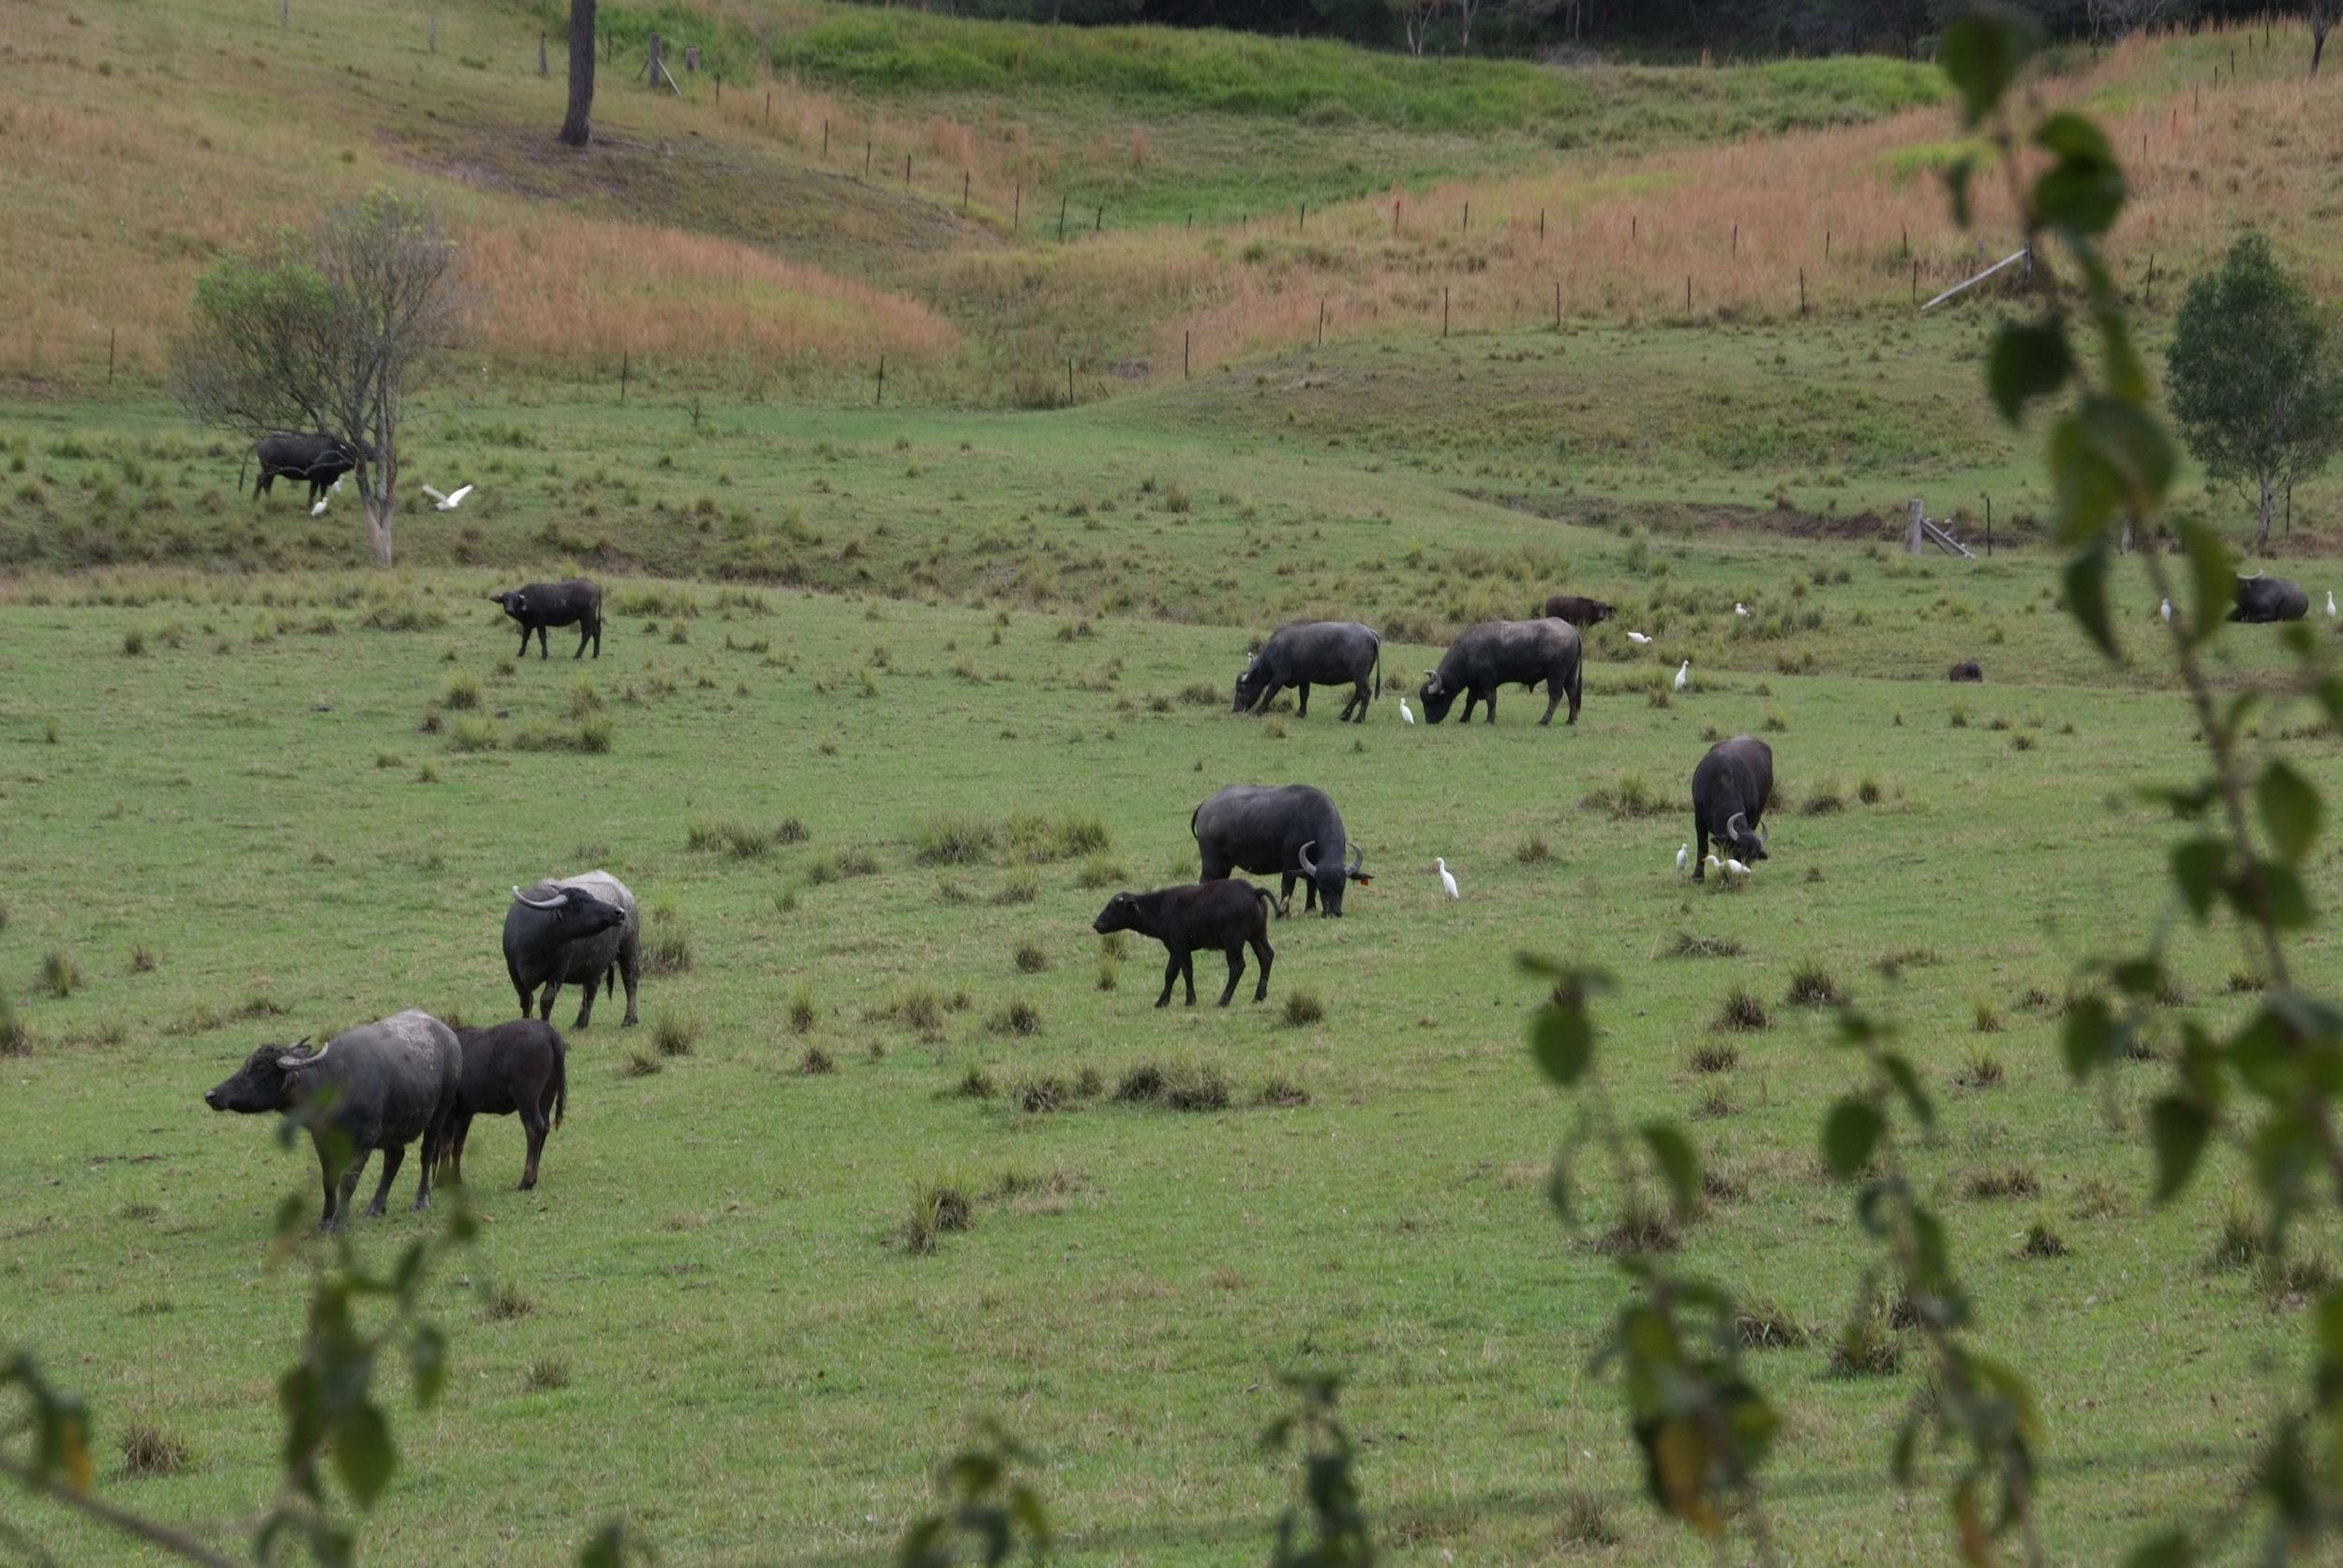 Eungai Creek Buffalo Buffs on Paddock